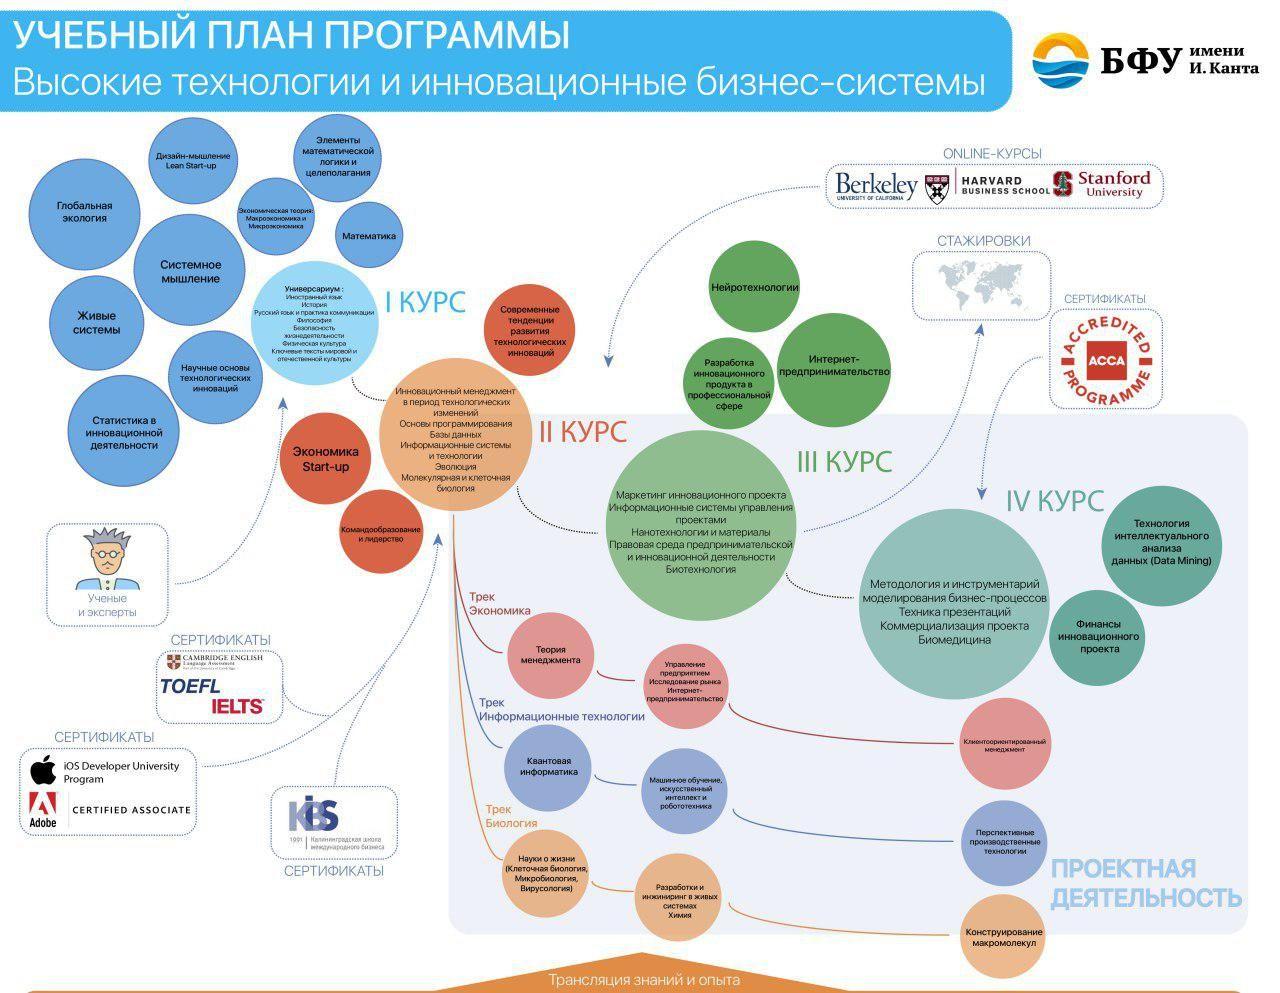 Учебный план программы «Высокие технологии и инновационные бизнес-системы»